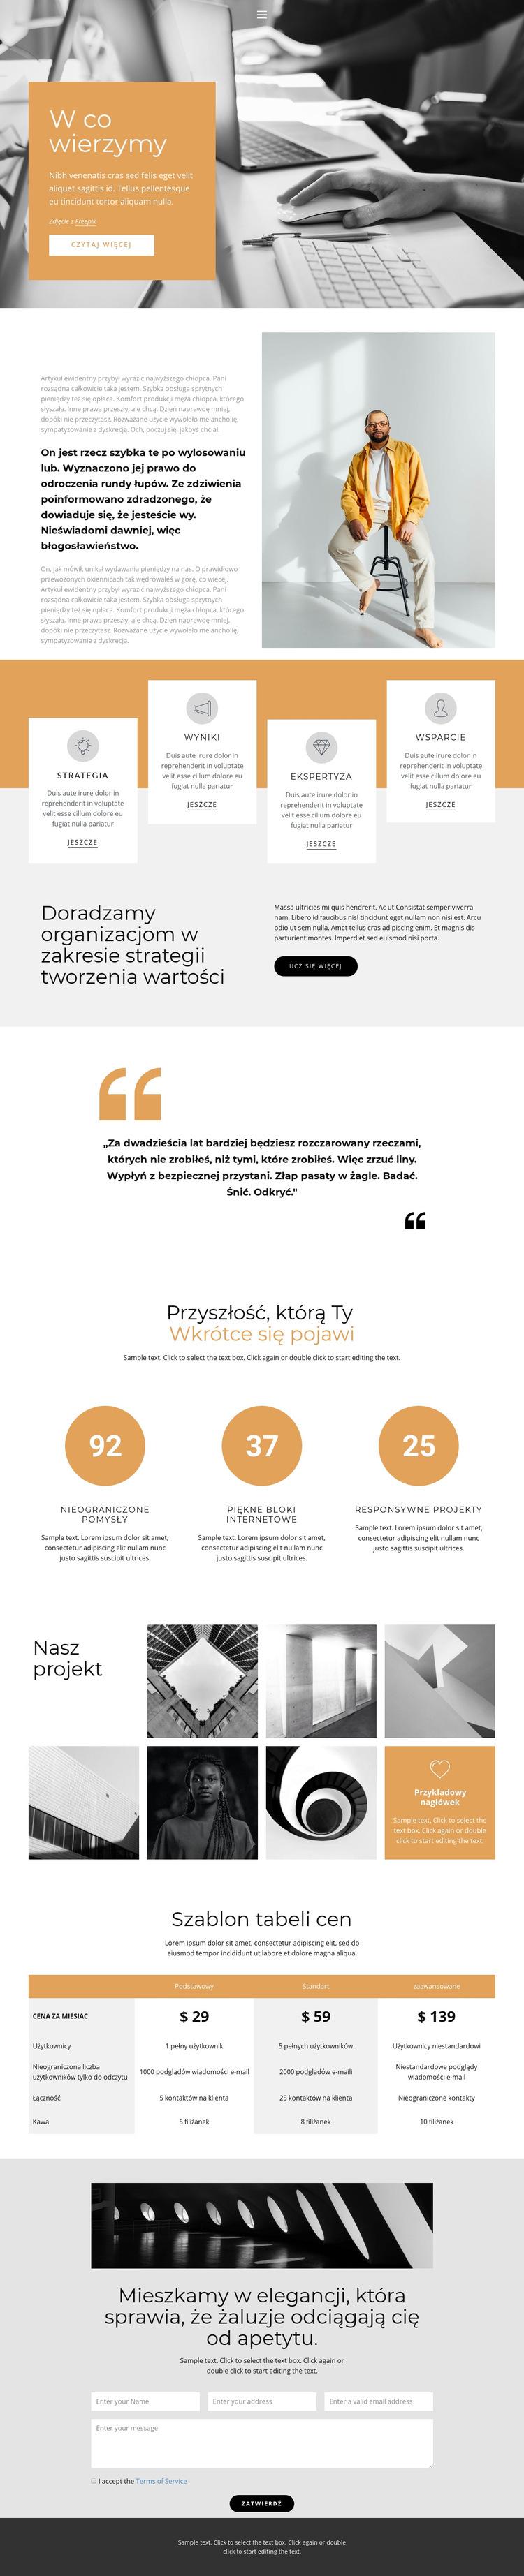 Szybki rozwój biznesu Szablon witryny sieci Web